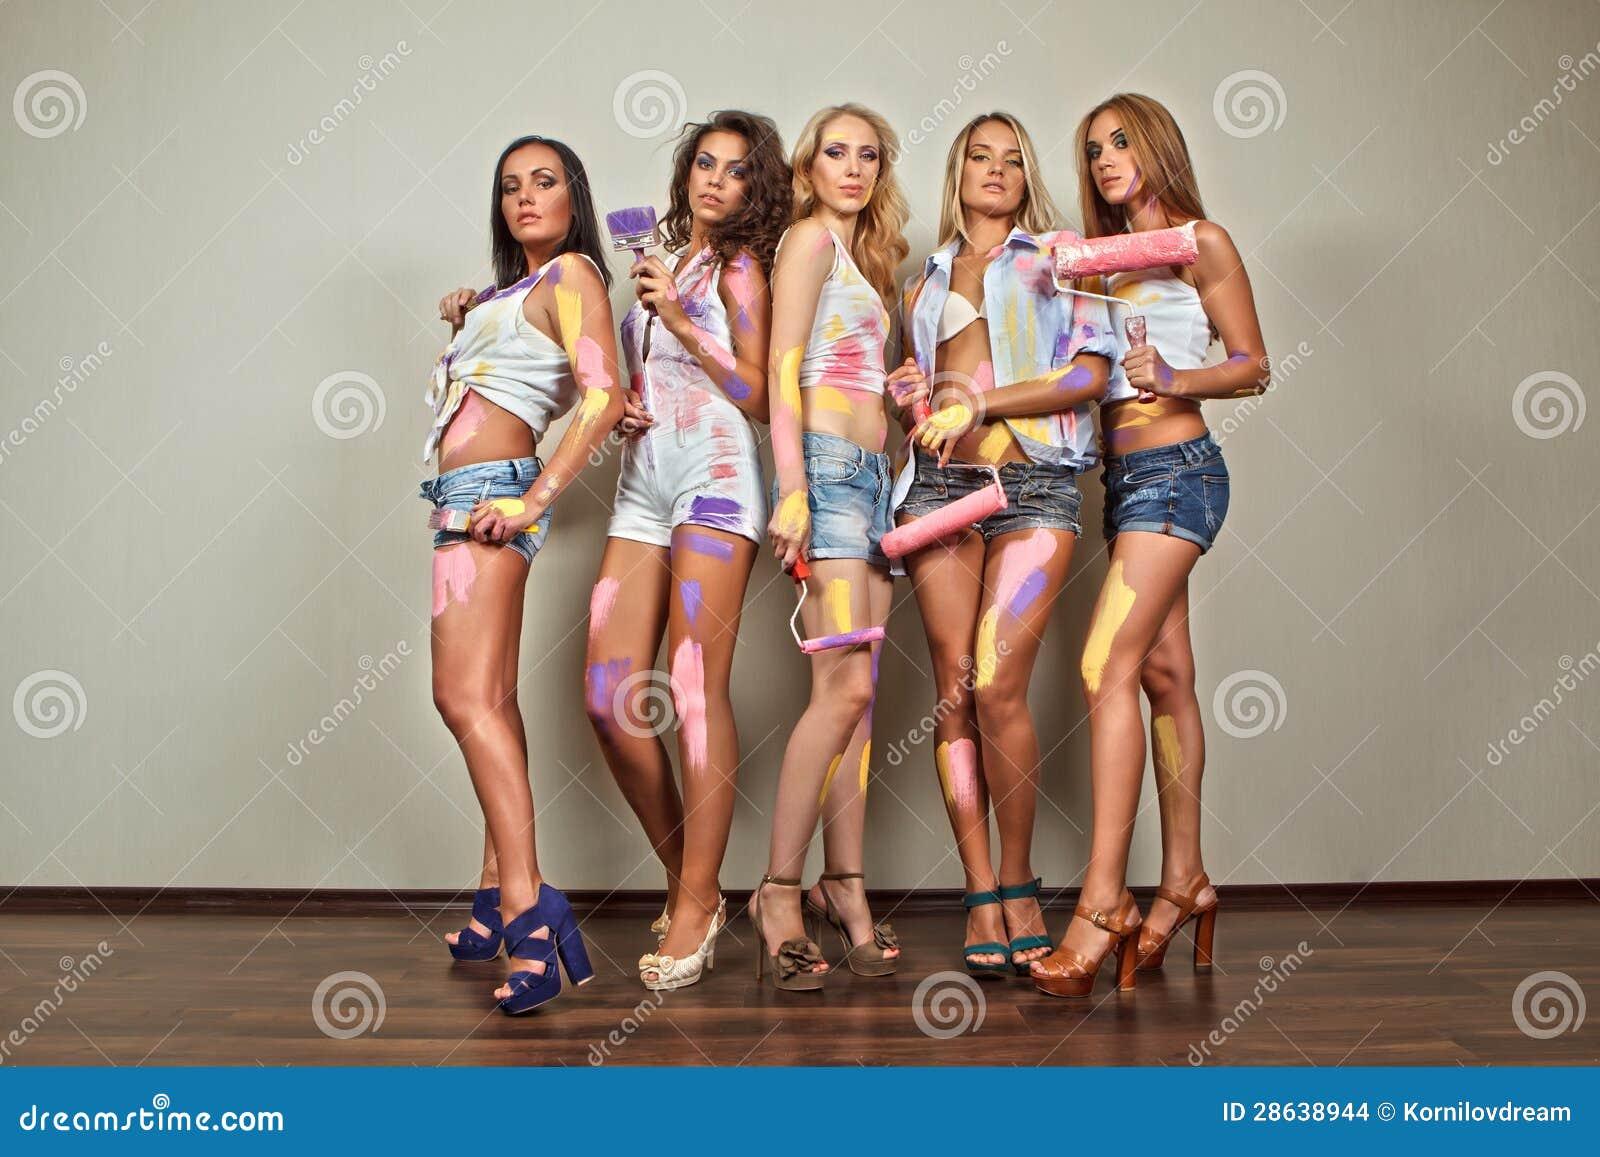 Malende Frauen mit Pinseln